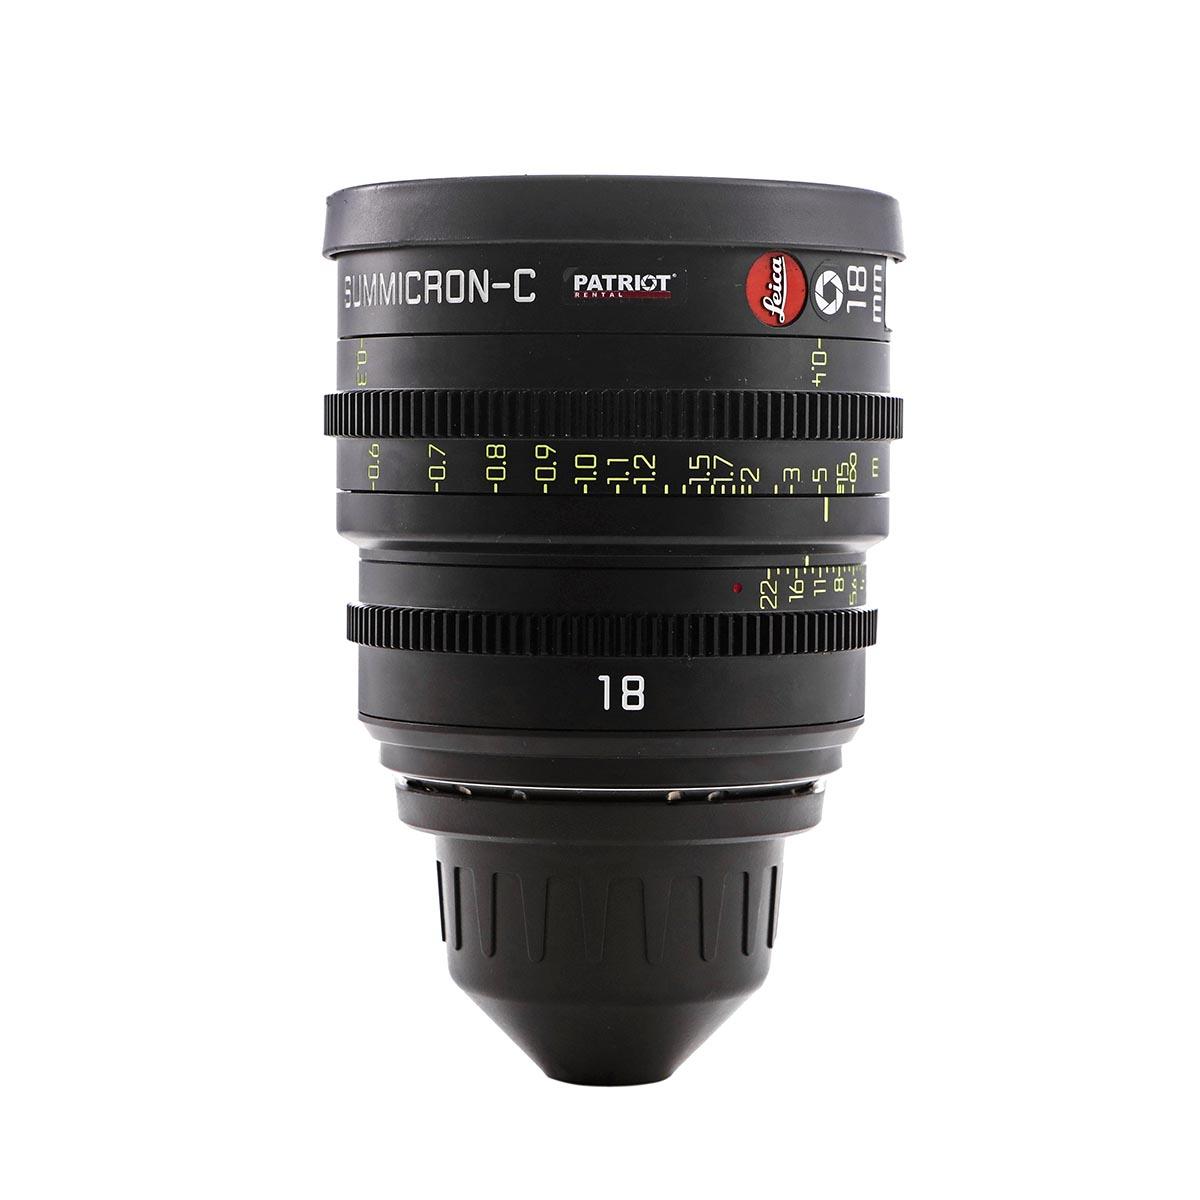 18mm LEICA SUMMICRON C Lens T2